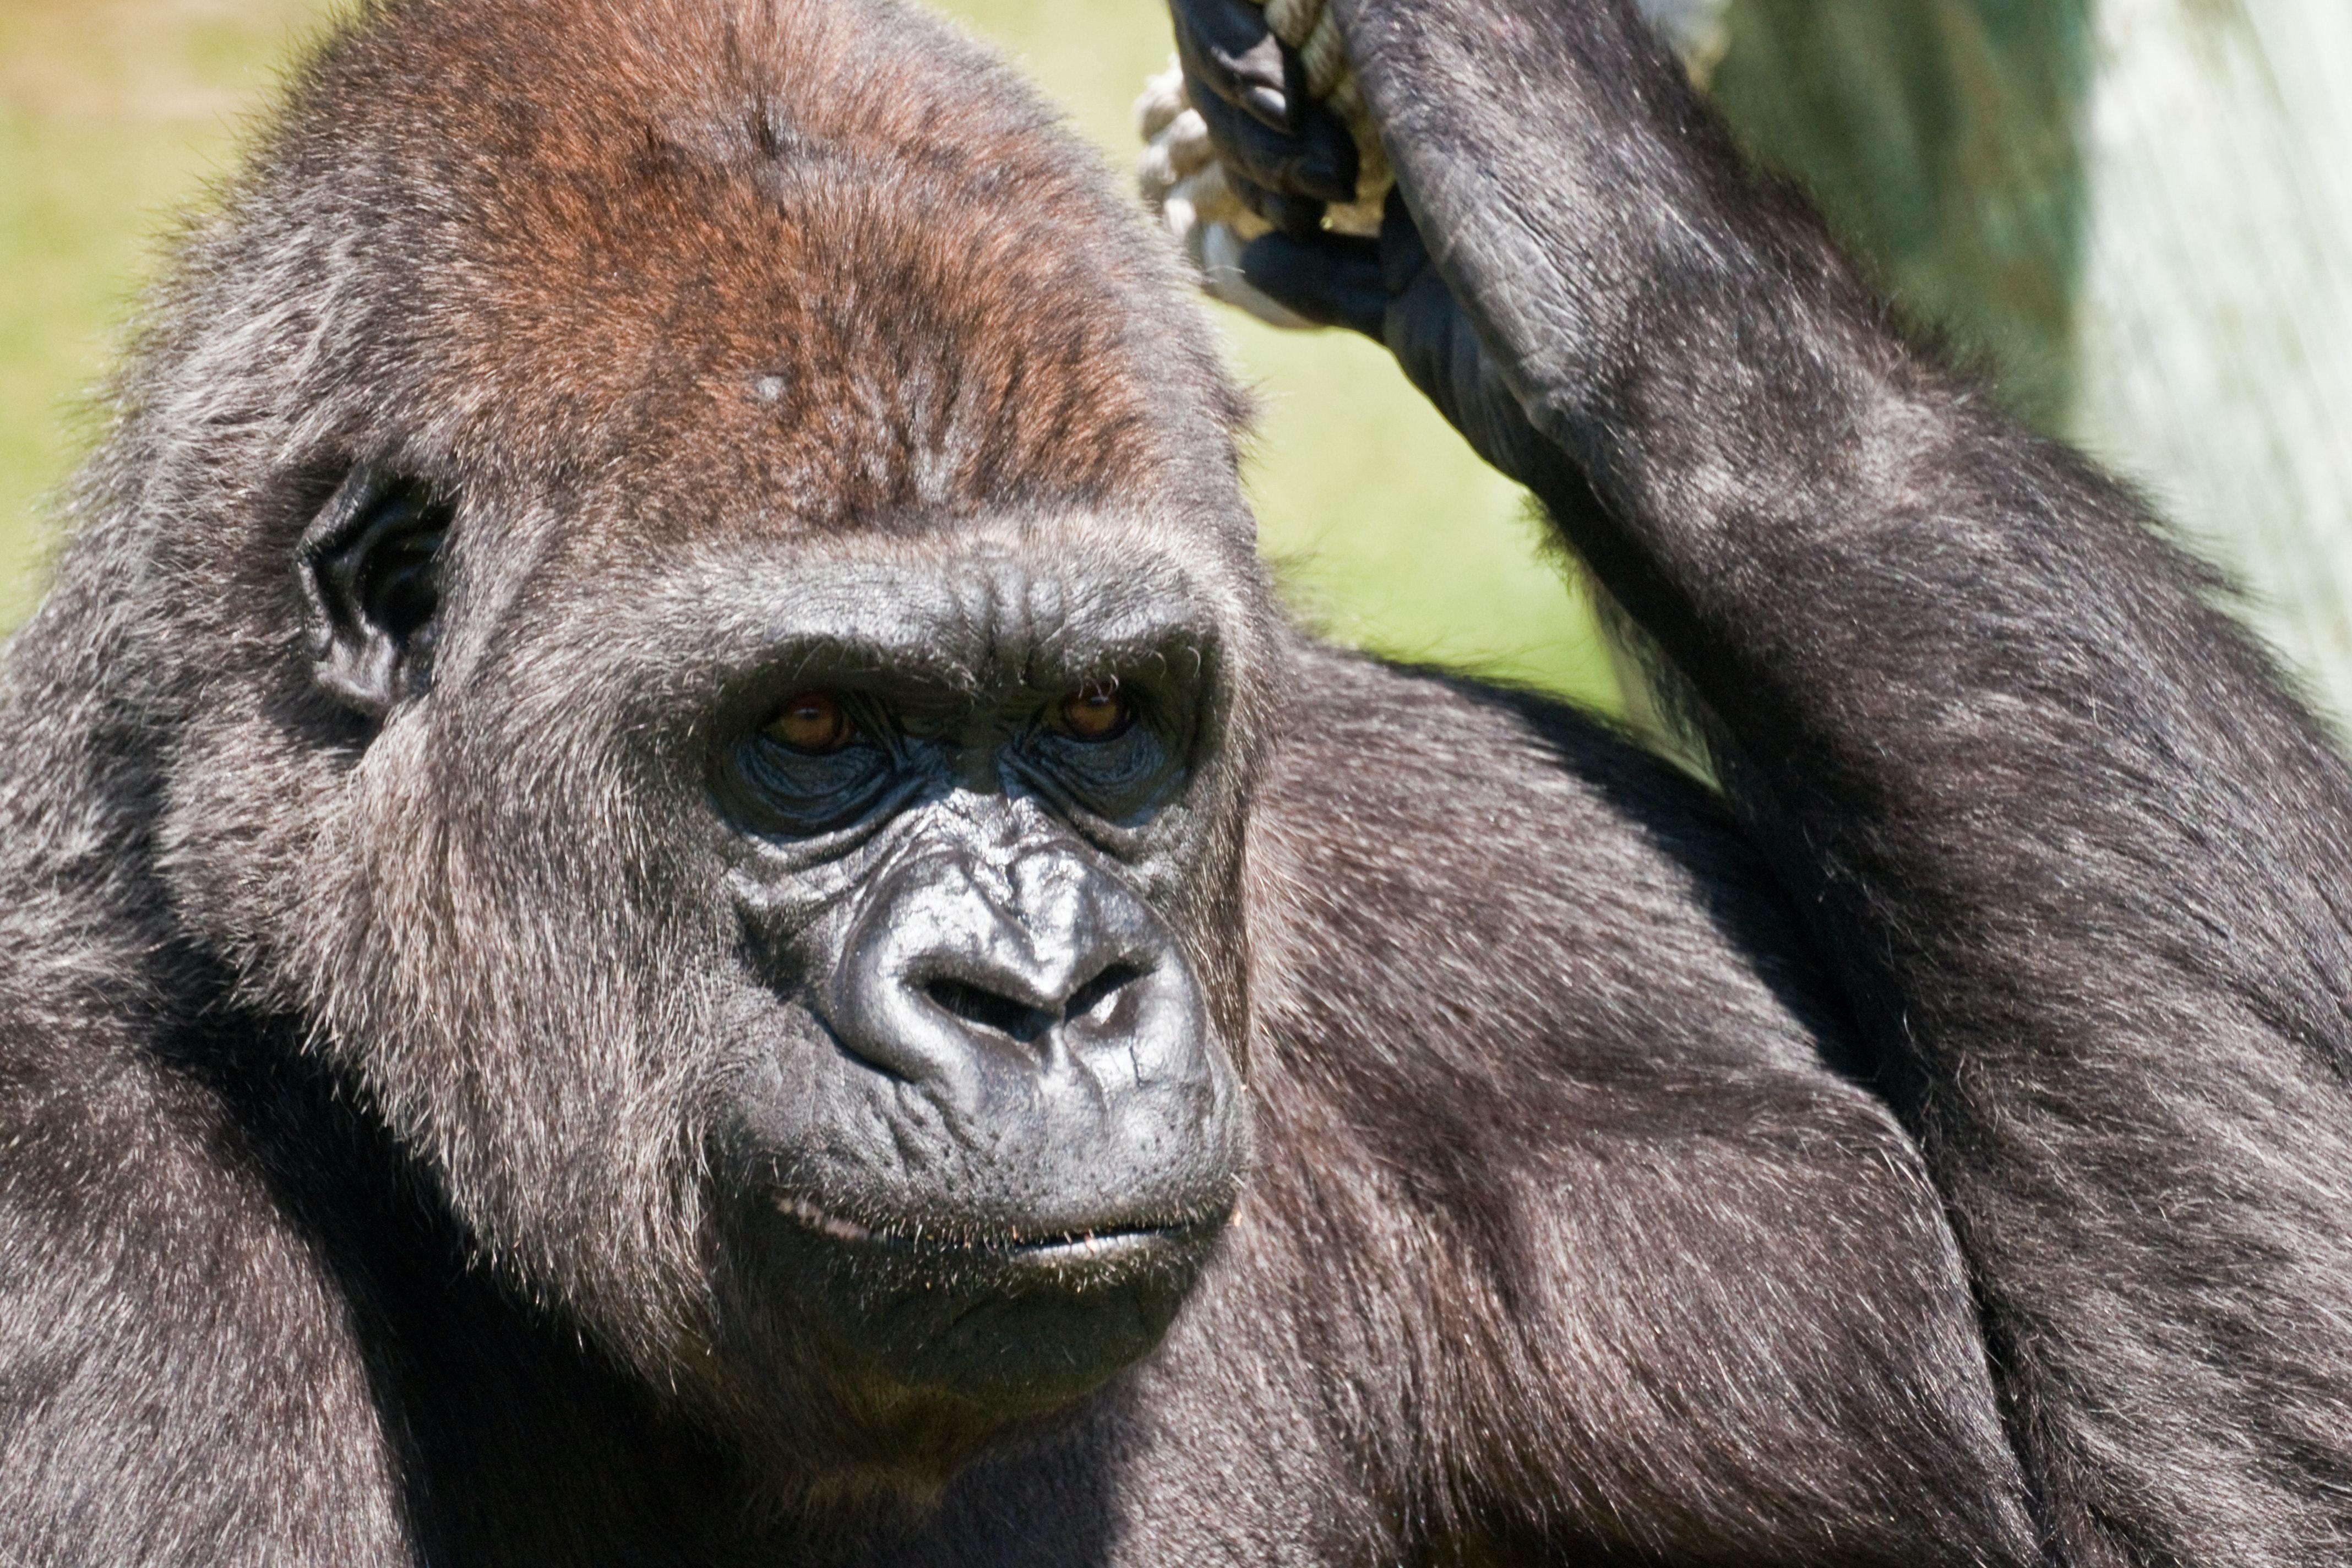 Em relação ao aspecto físico, os lêmures não superam os gorilas..